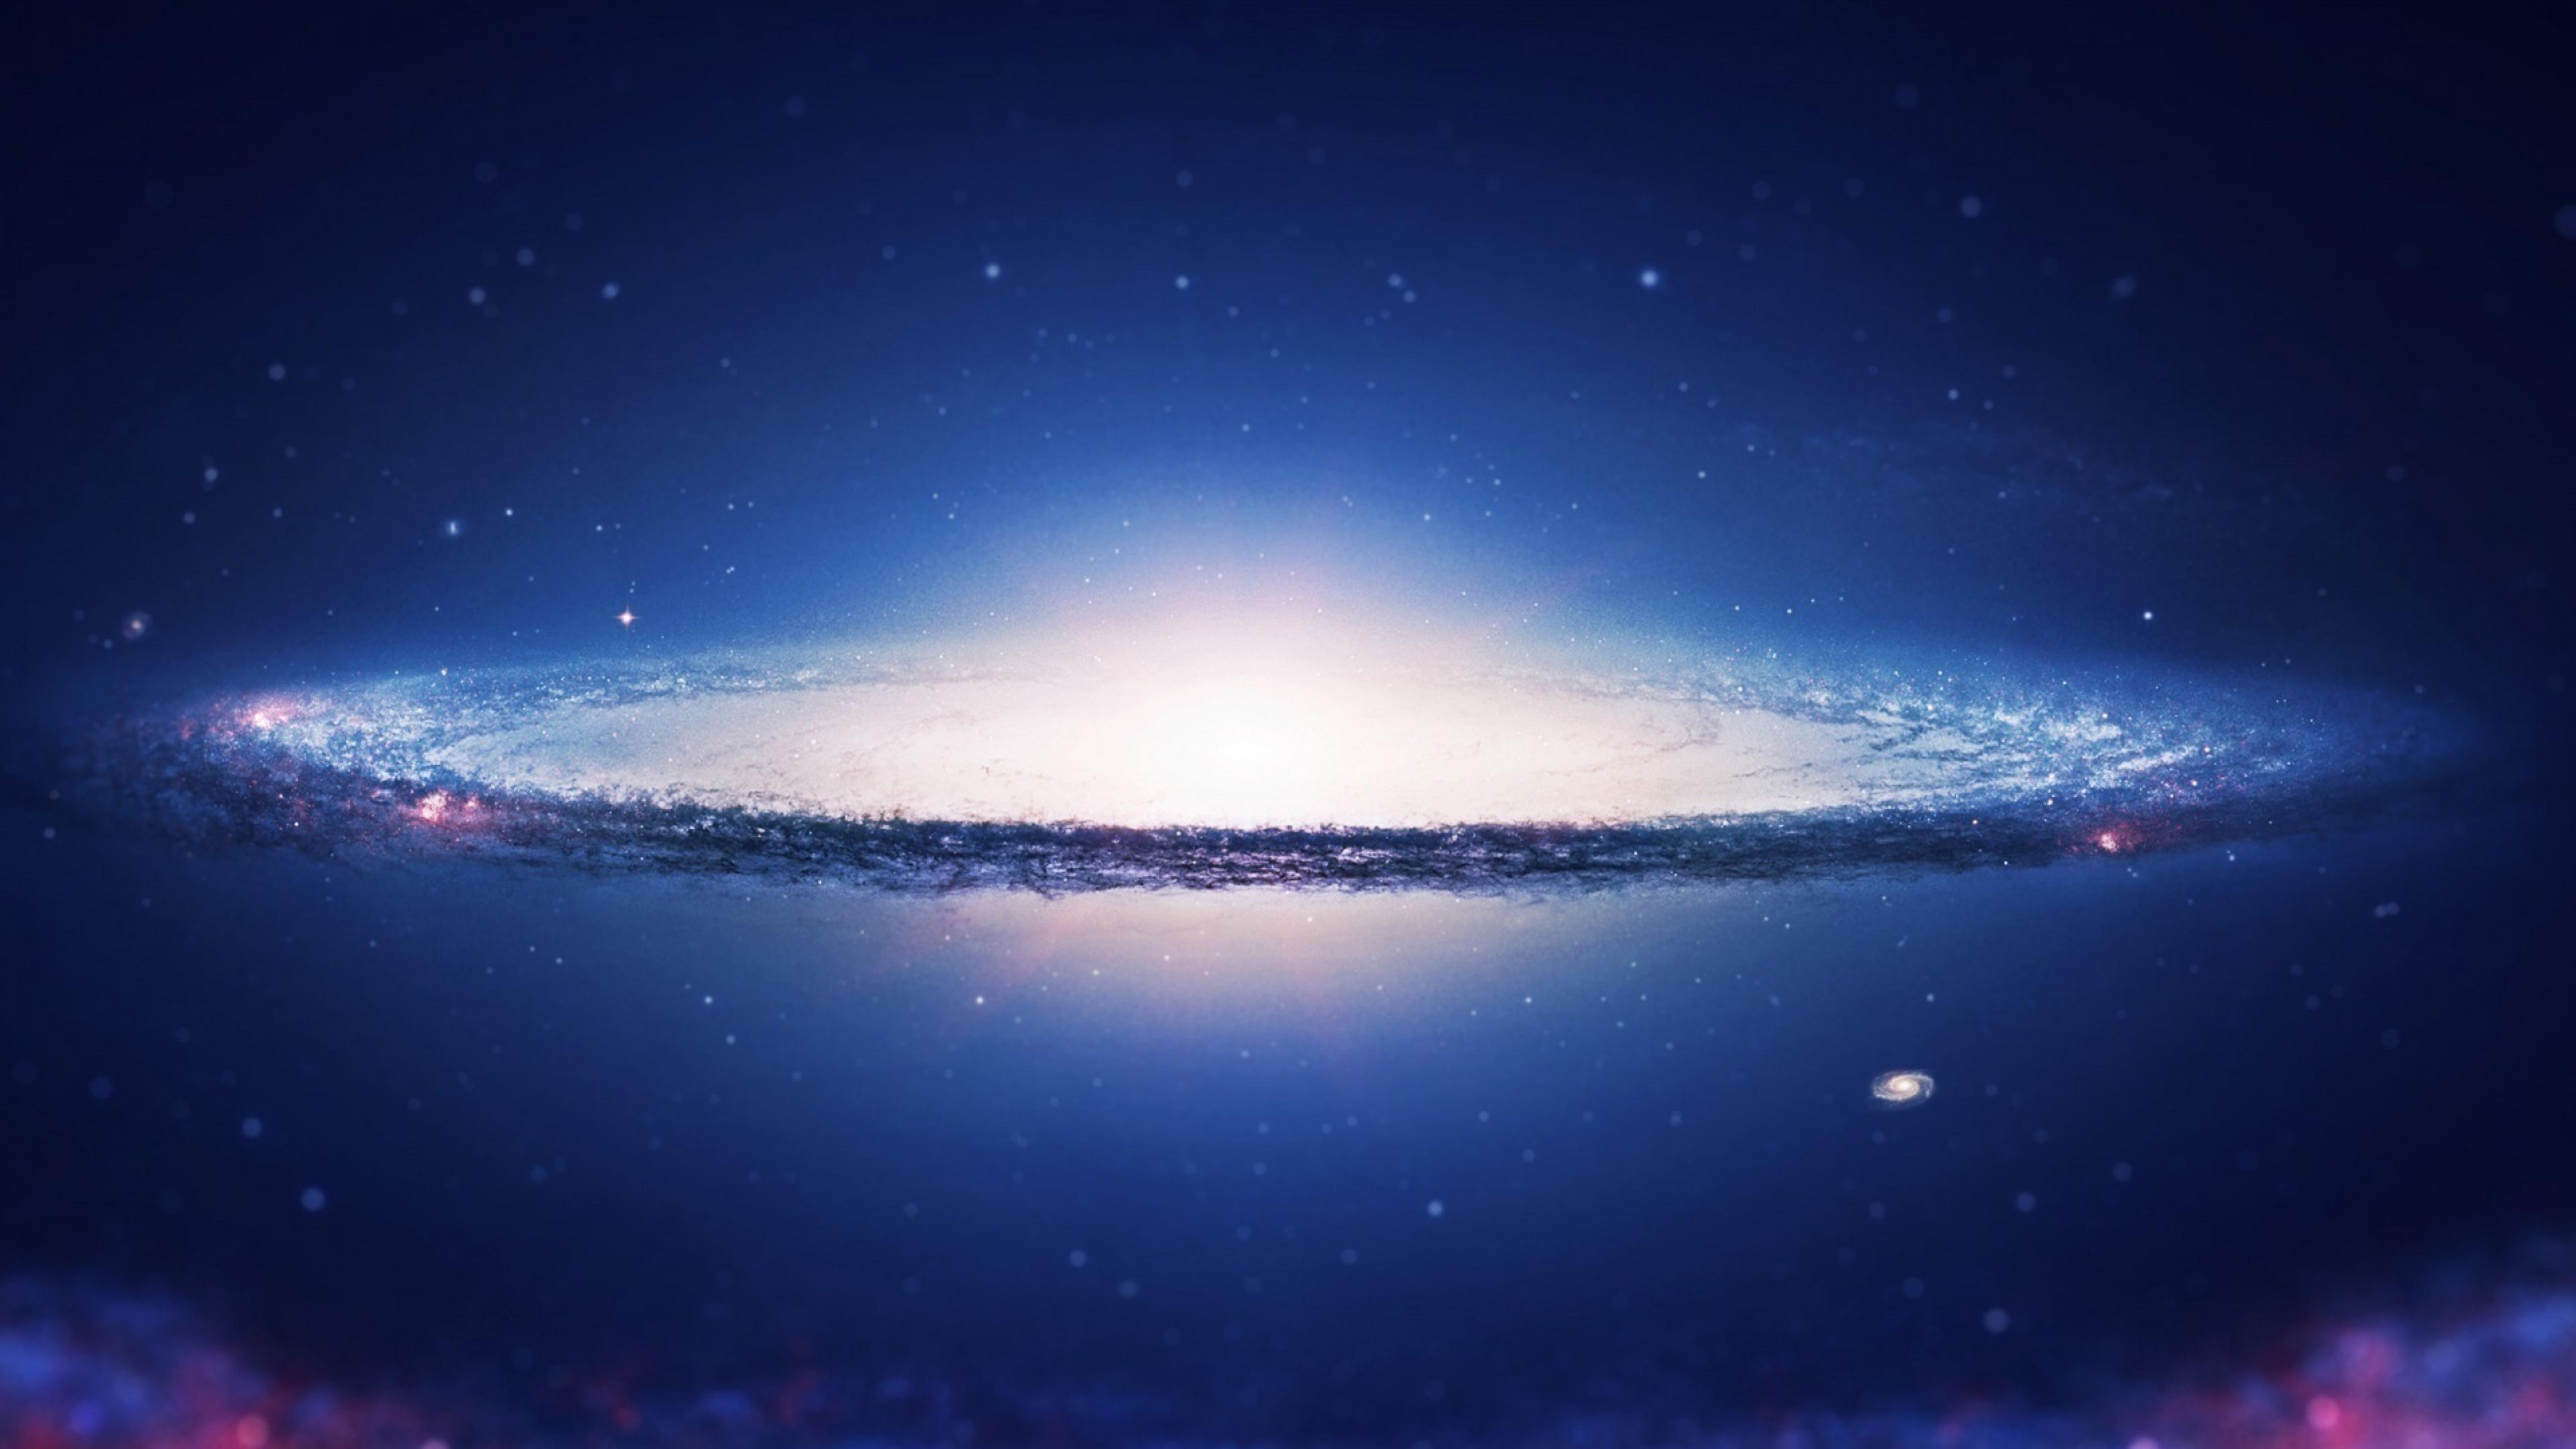 alienware galaxy space memories - photo #46